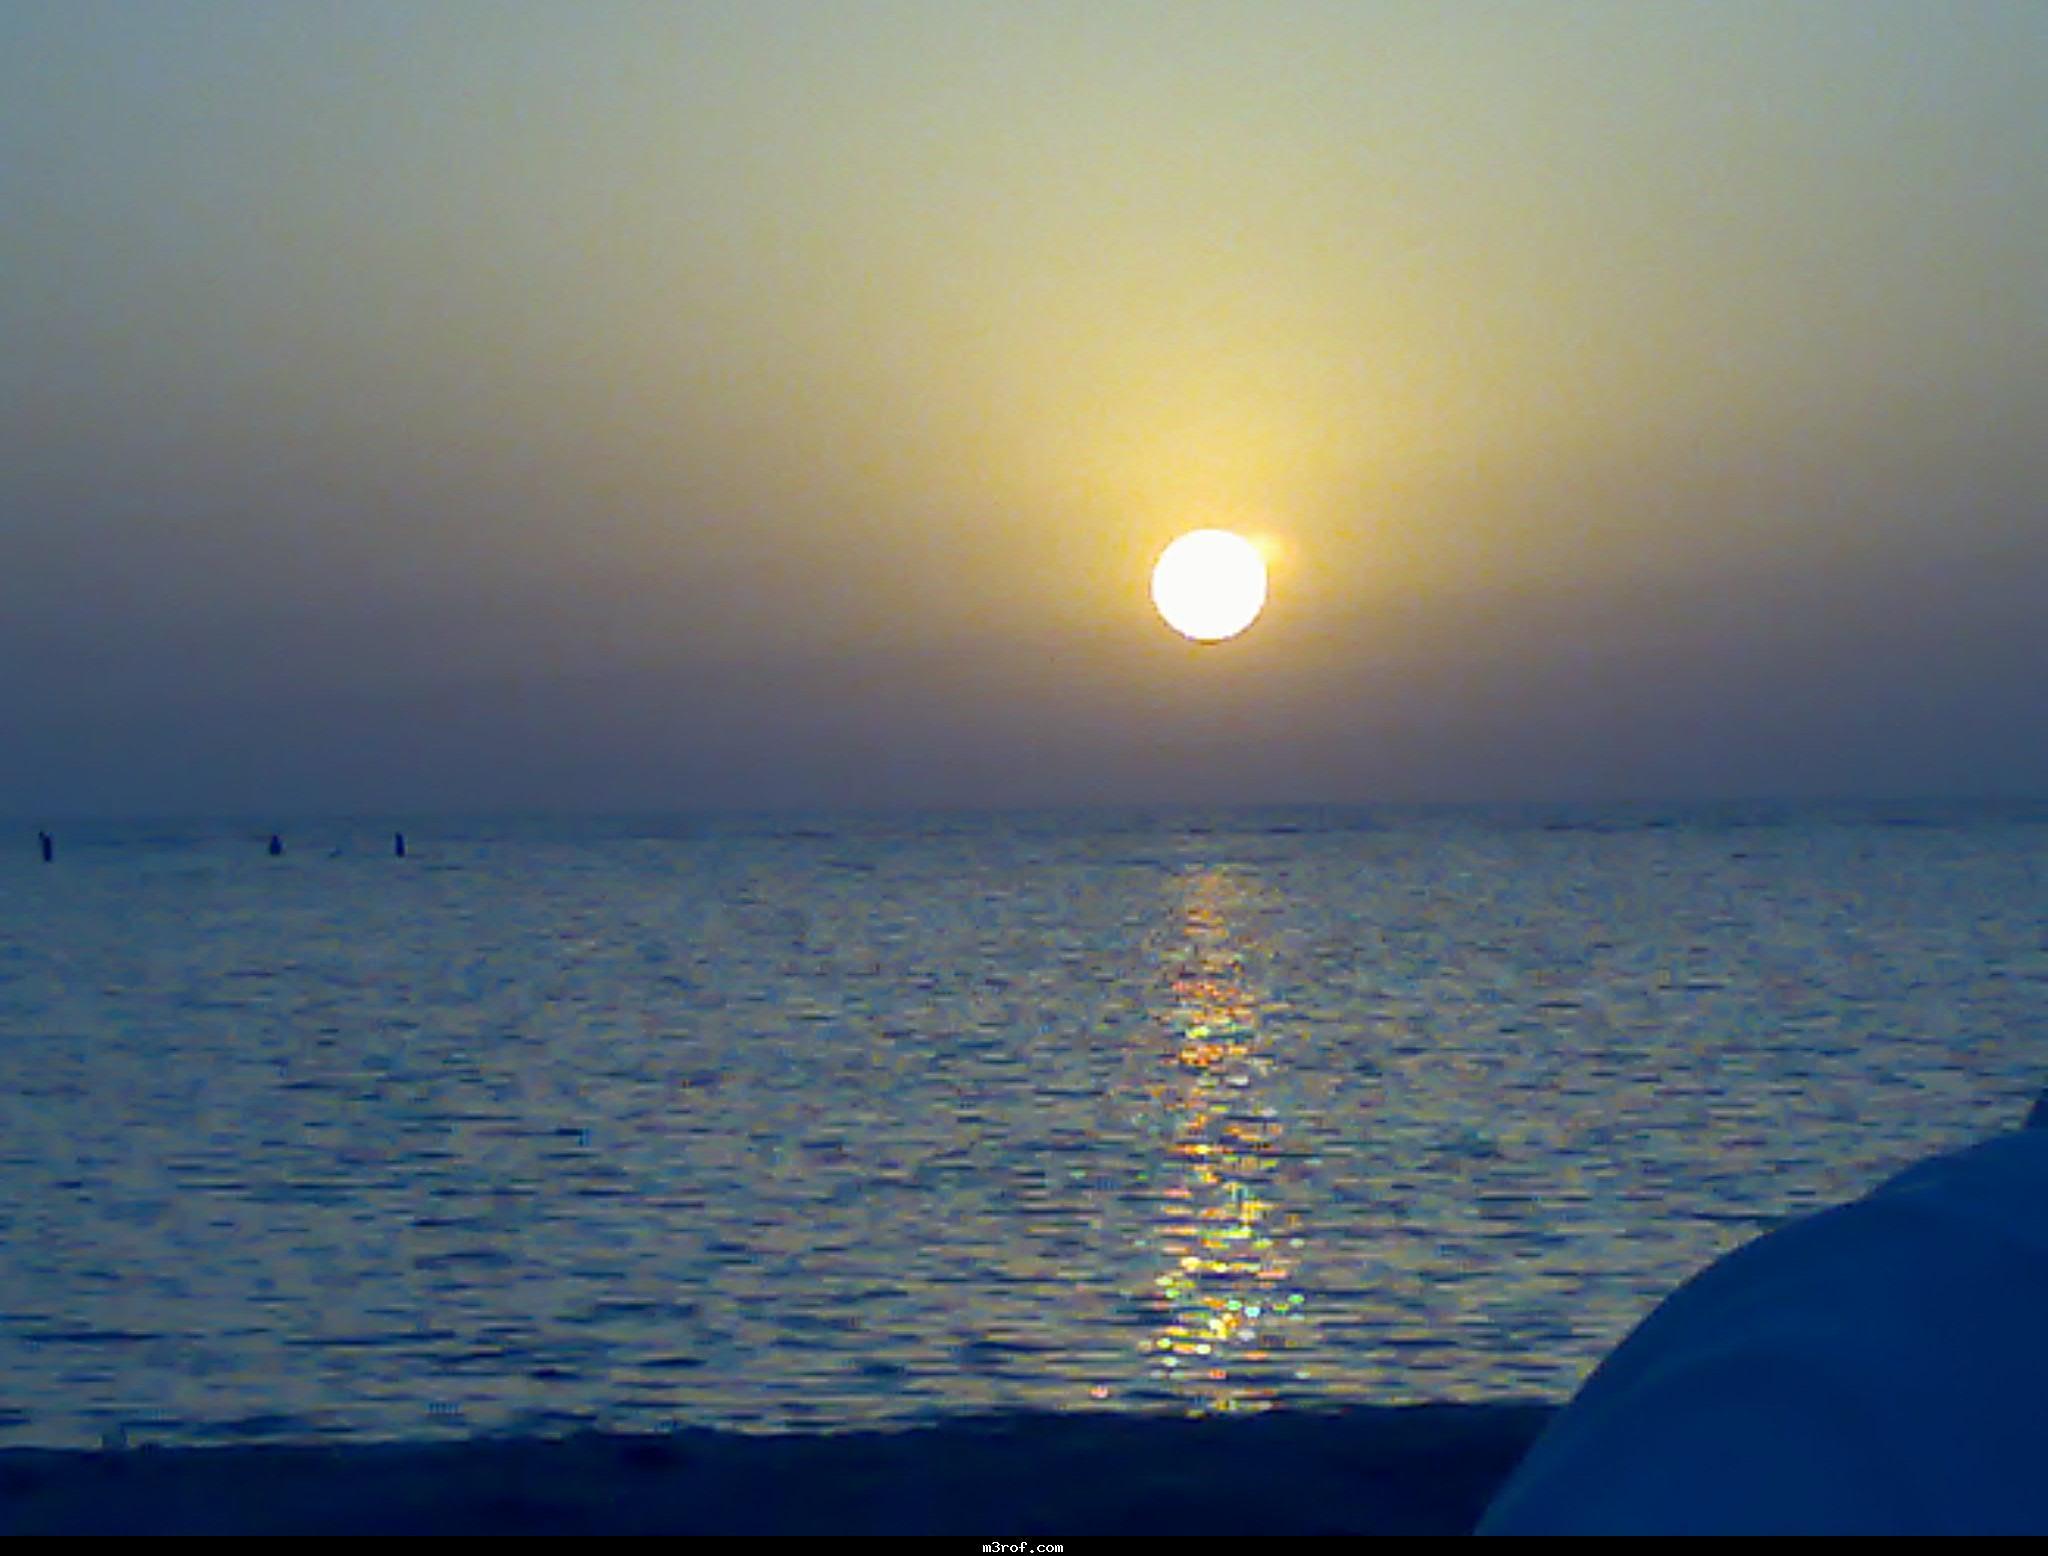 بالصور صور عن البحر , اجمل صور للبحر 3921 8